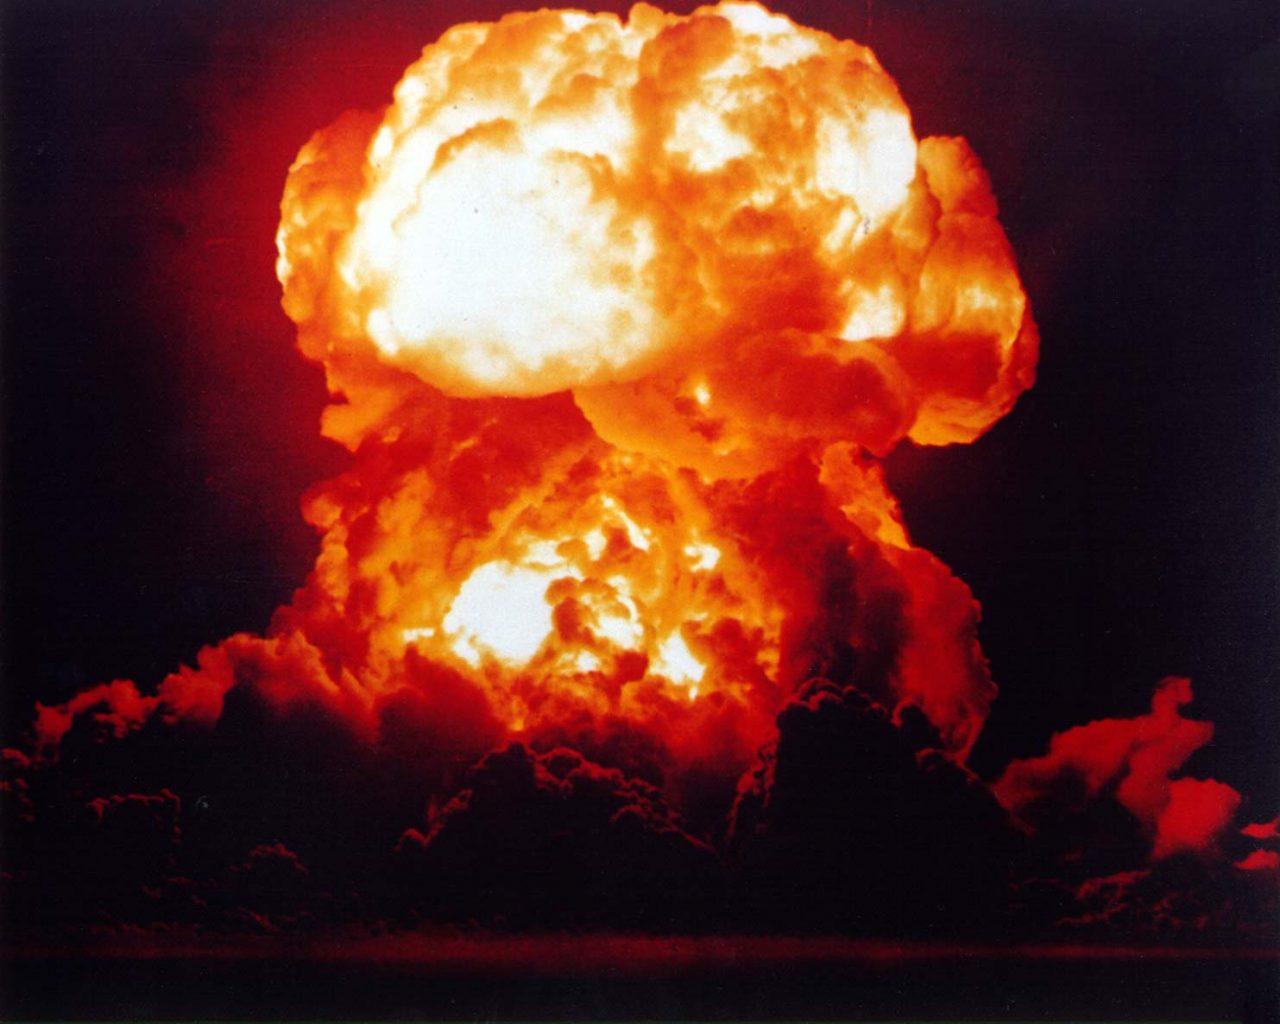 https://www.aldrimer.no/wp-content/uploads/2018/05/eksplosjon-atomvåpen-1280x1024.jpg